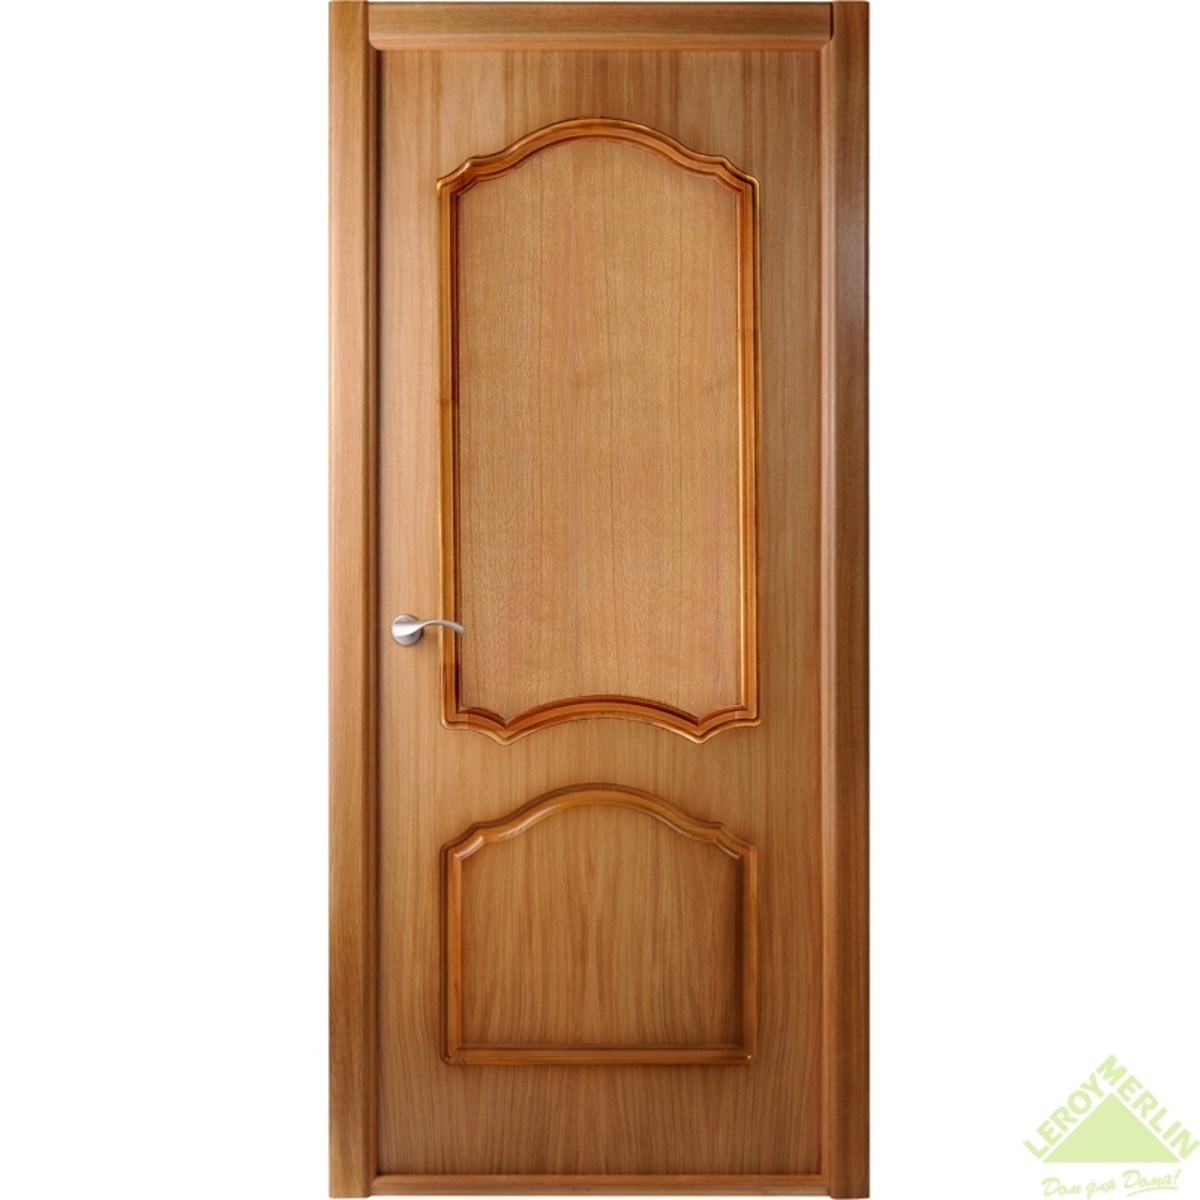 Дверь Межкомнатная Глухая Каролина 90x200 Ламинация Цвет Дуб